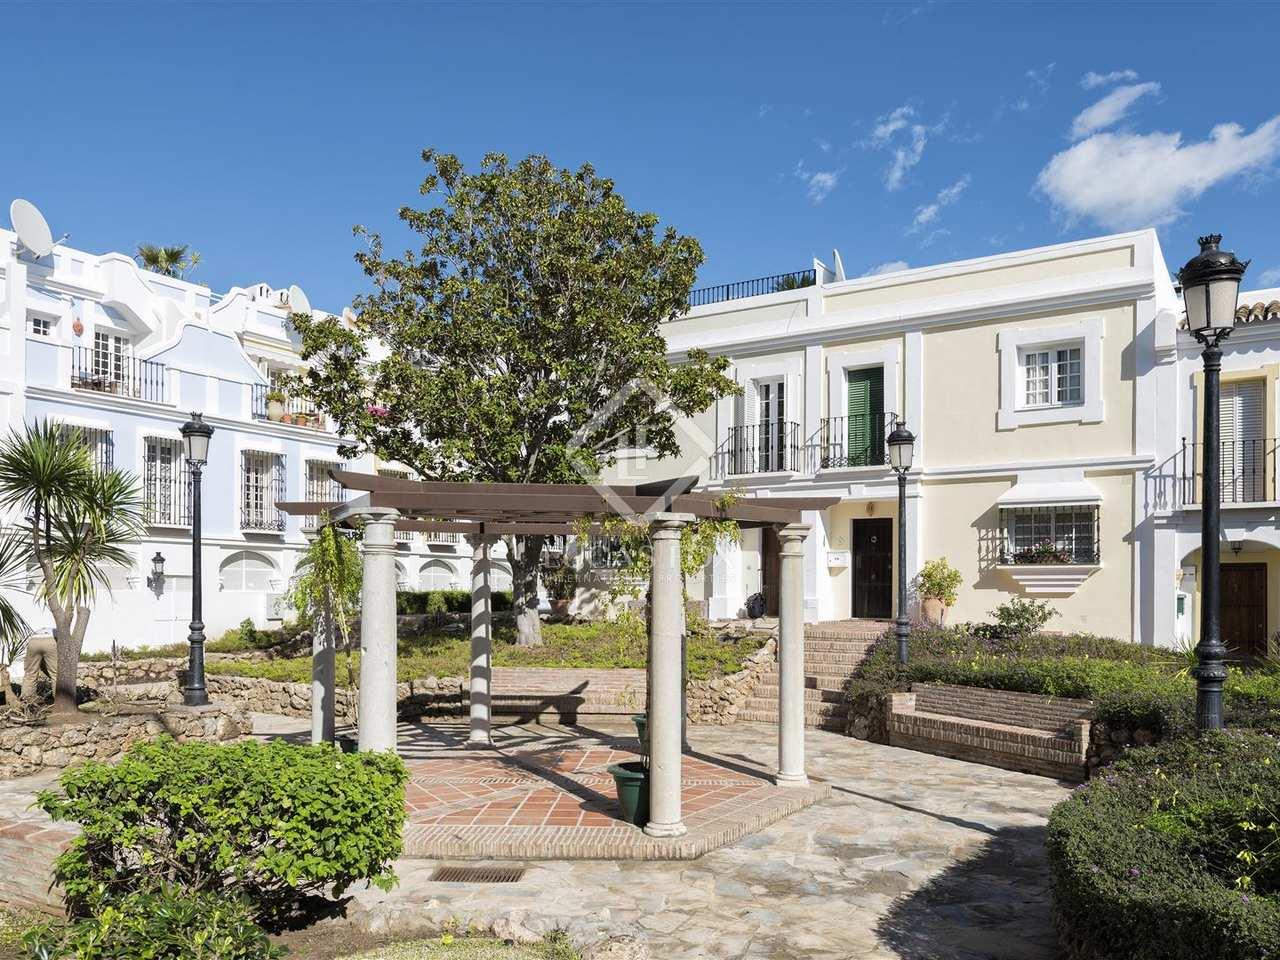 Casa adosada moderna en venta en el centro de nueva andaluc a - Apartamentos en nueva york centro ...